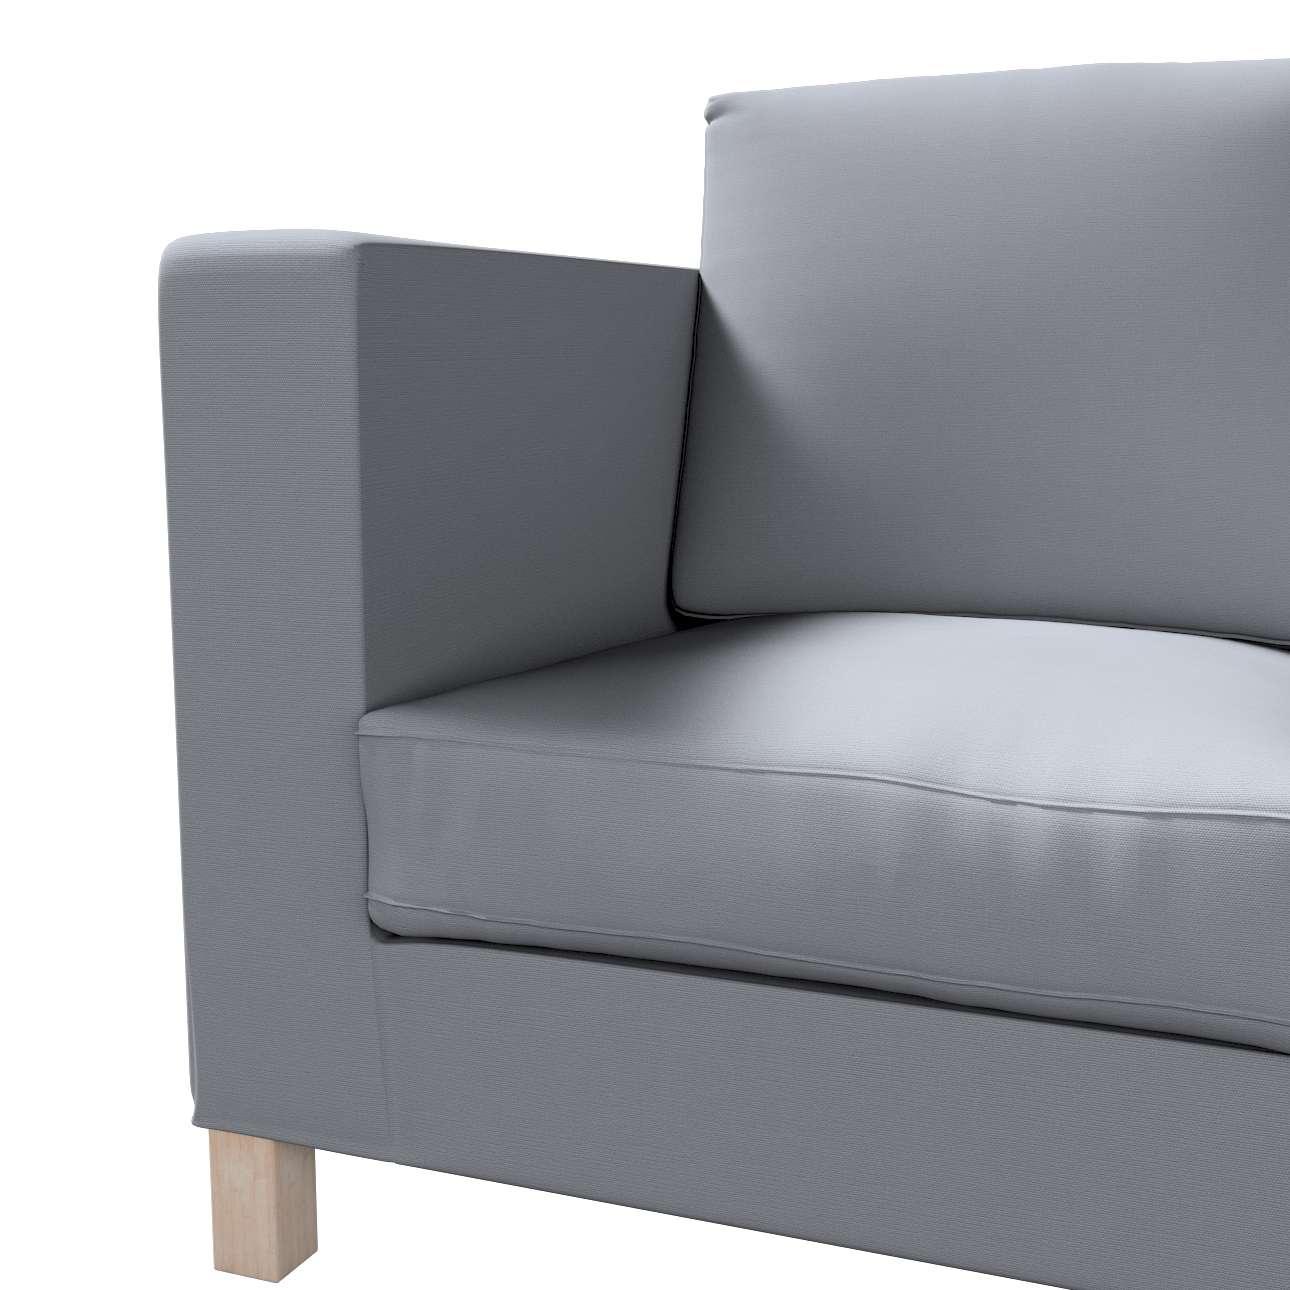 Karlanda 3-Sitzer Sofabezug nicht ausklappbar kurz von der Kollektion Cotton Panama, Stoff: 702-07